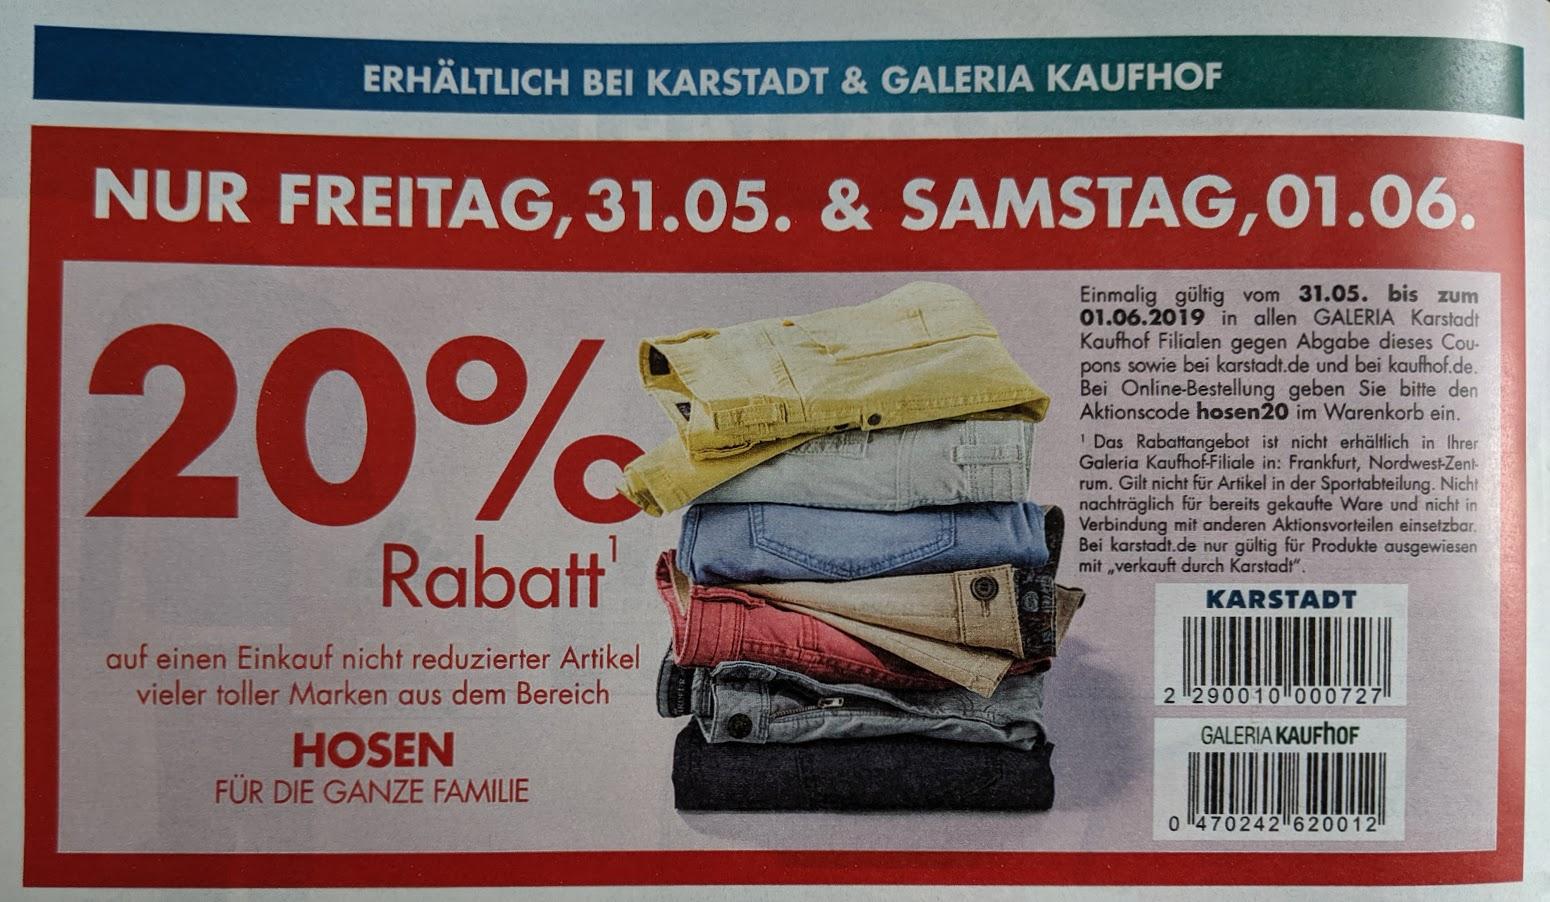 20% Rabatt auf Hosen 31.05+01.06.2019 Karstadt&Galeria Kaufhof oflline und online